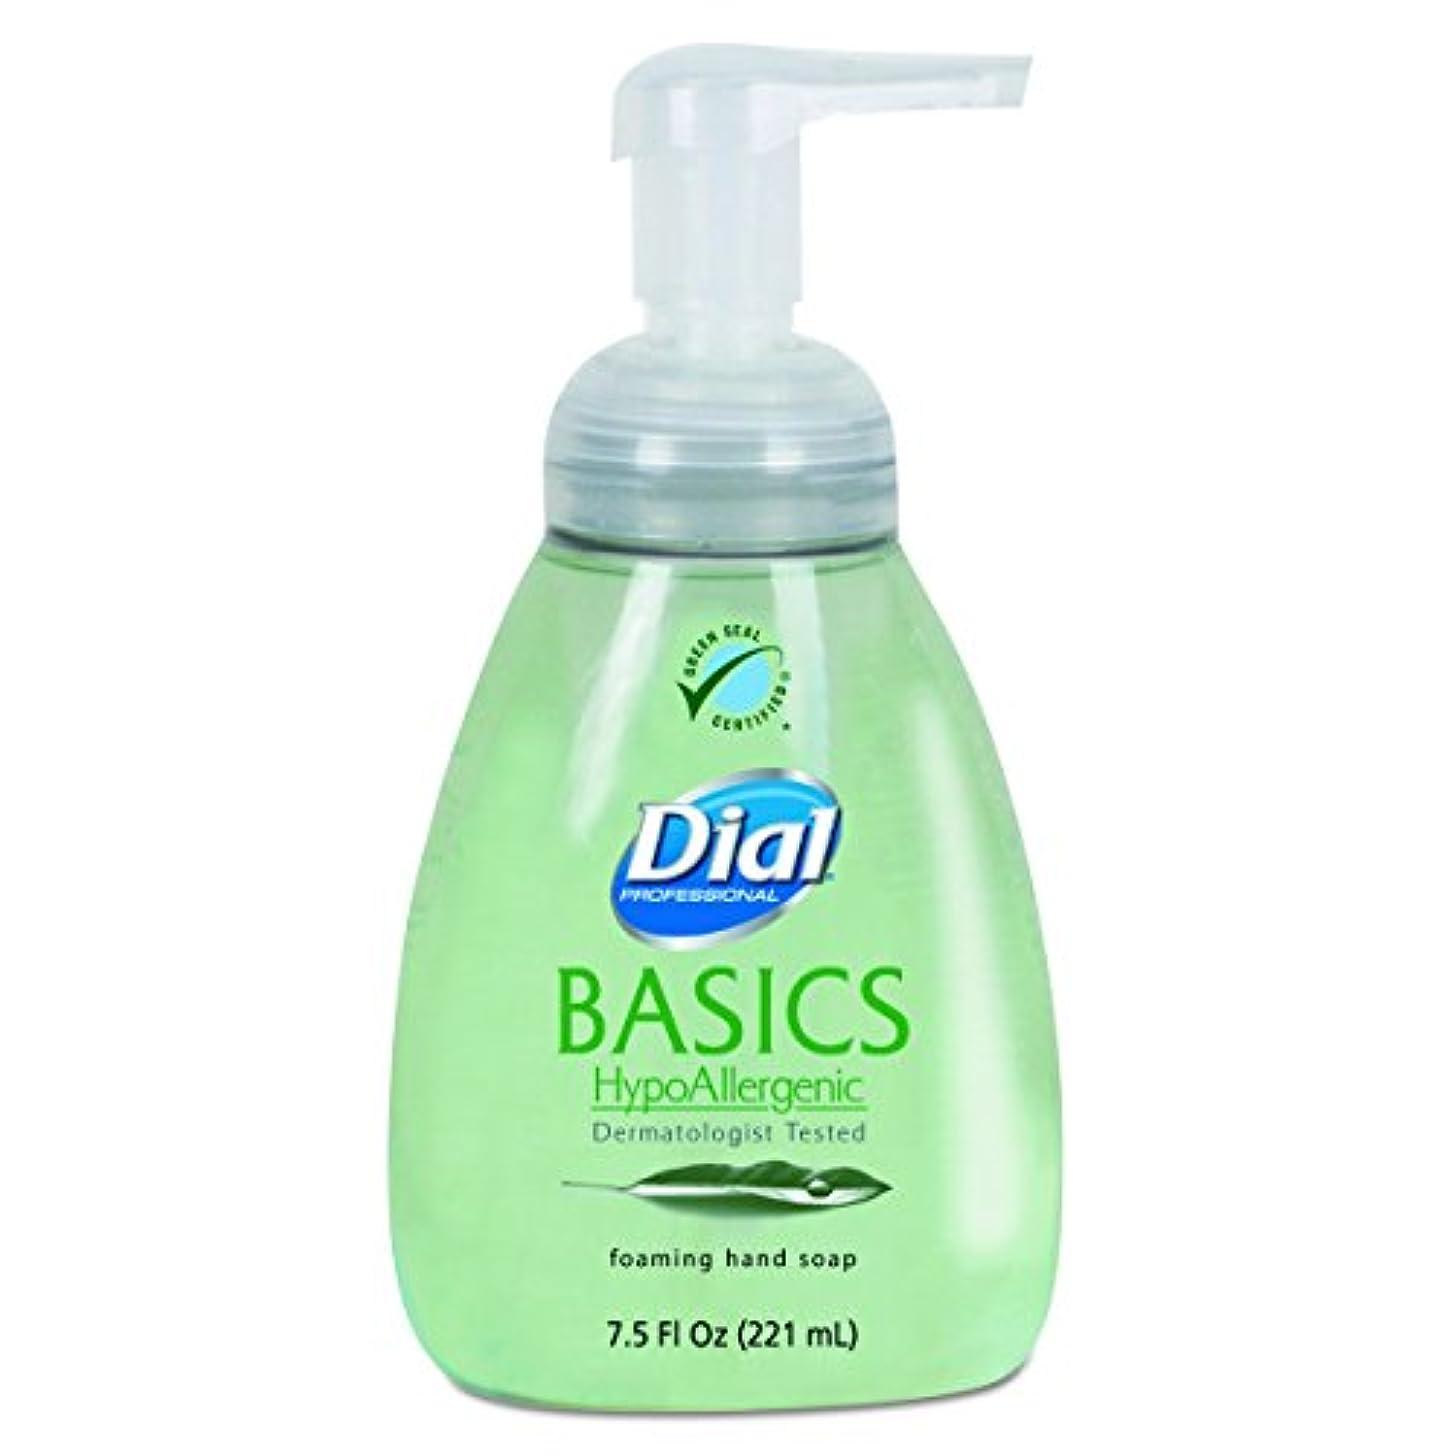 ステップ策定する大いにダイヤルProfessional 6042 Basics Foaming Hand Soap、7.5 Oz、Honeysuckle